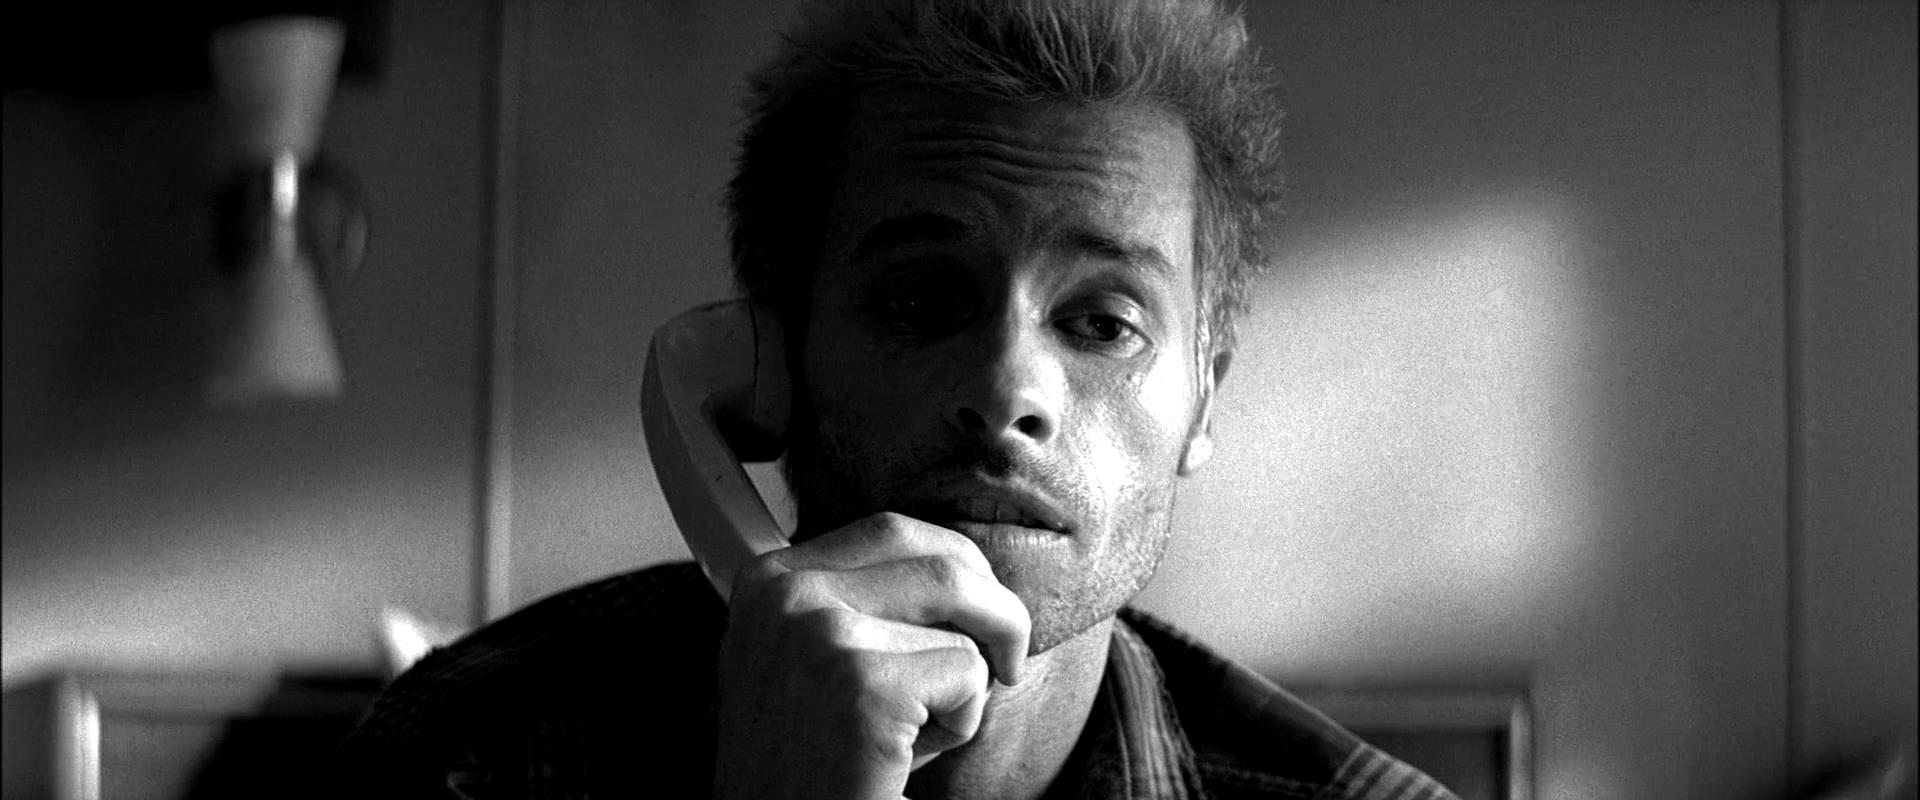 Guy Pearce, protagonista di Memento, in un flashback del film.